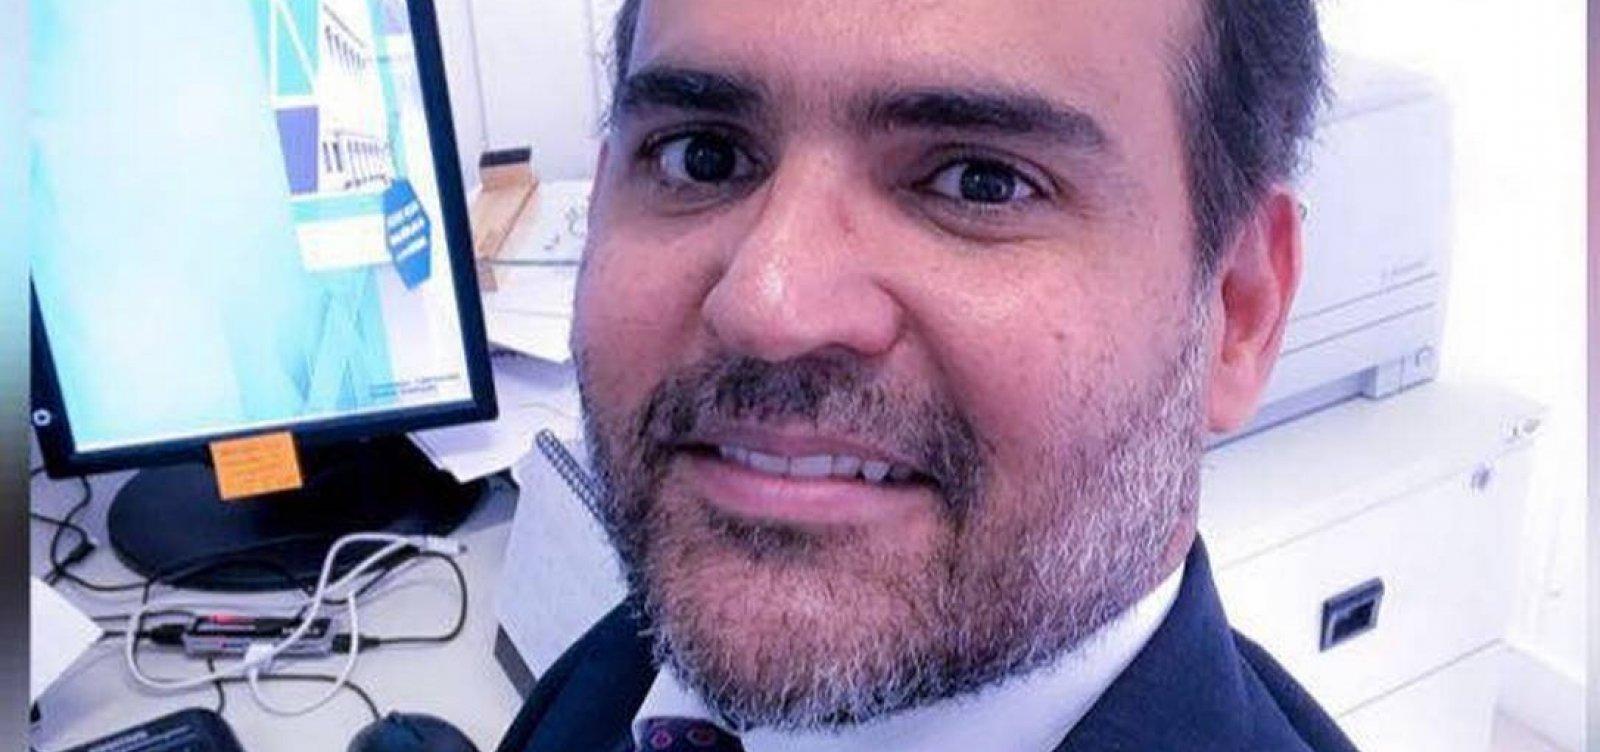 Operação Faroeste: Juiz foi preso após tentar destruir provas, diz coluna